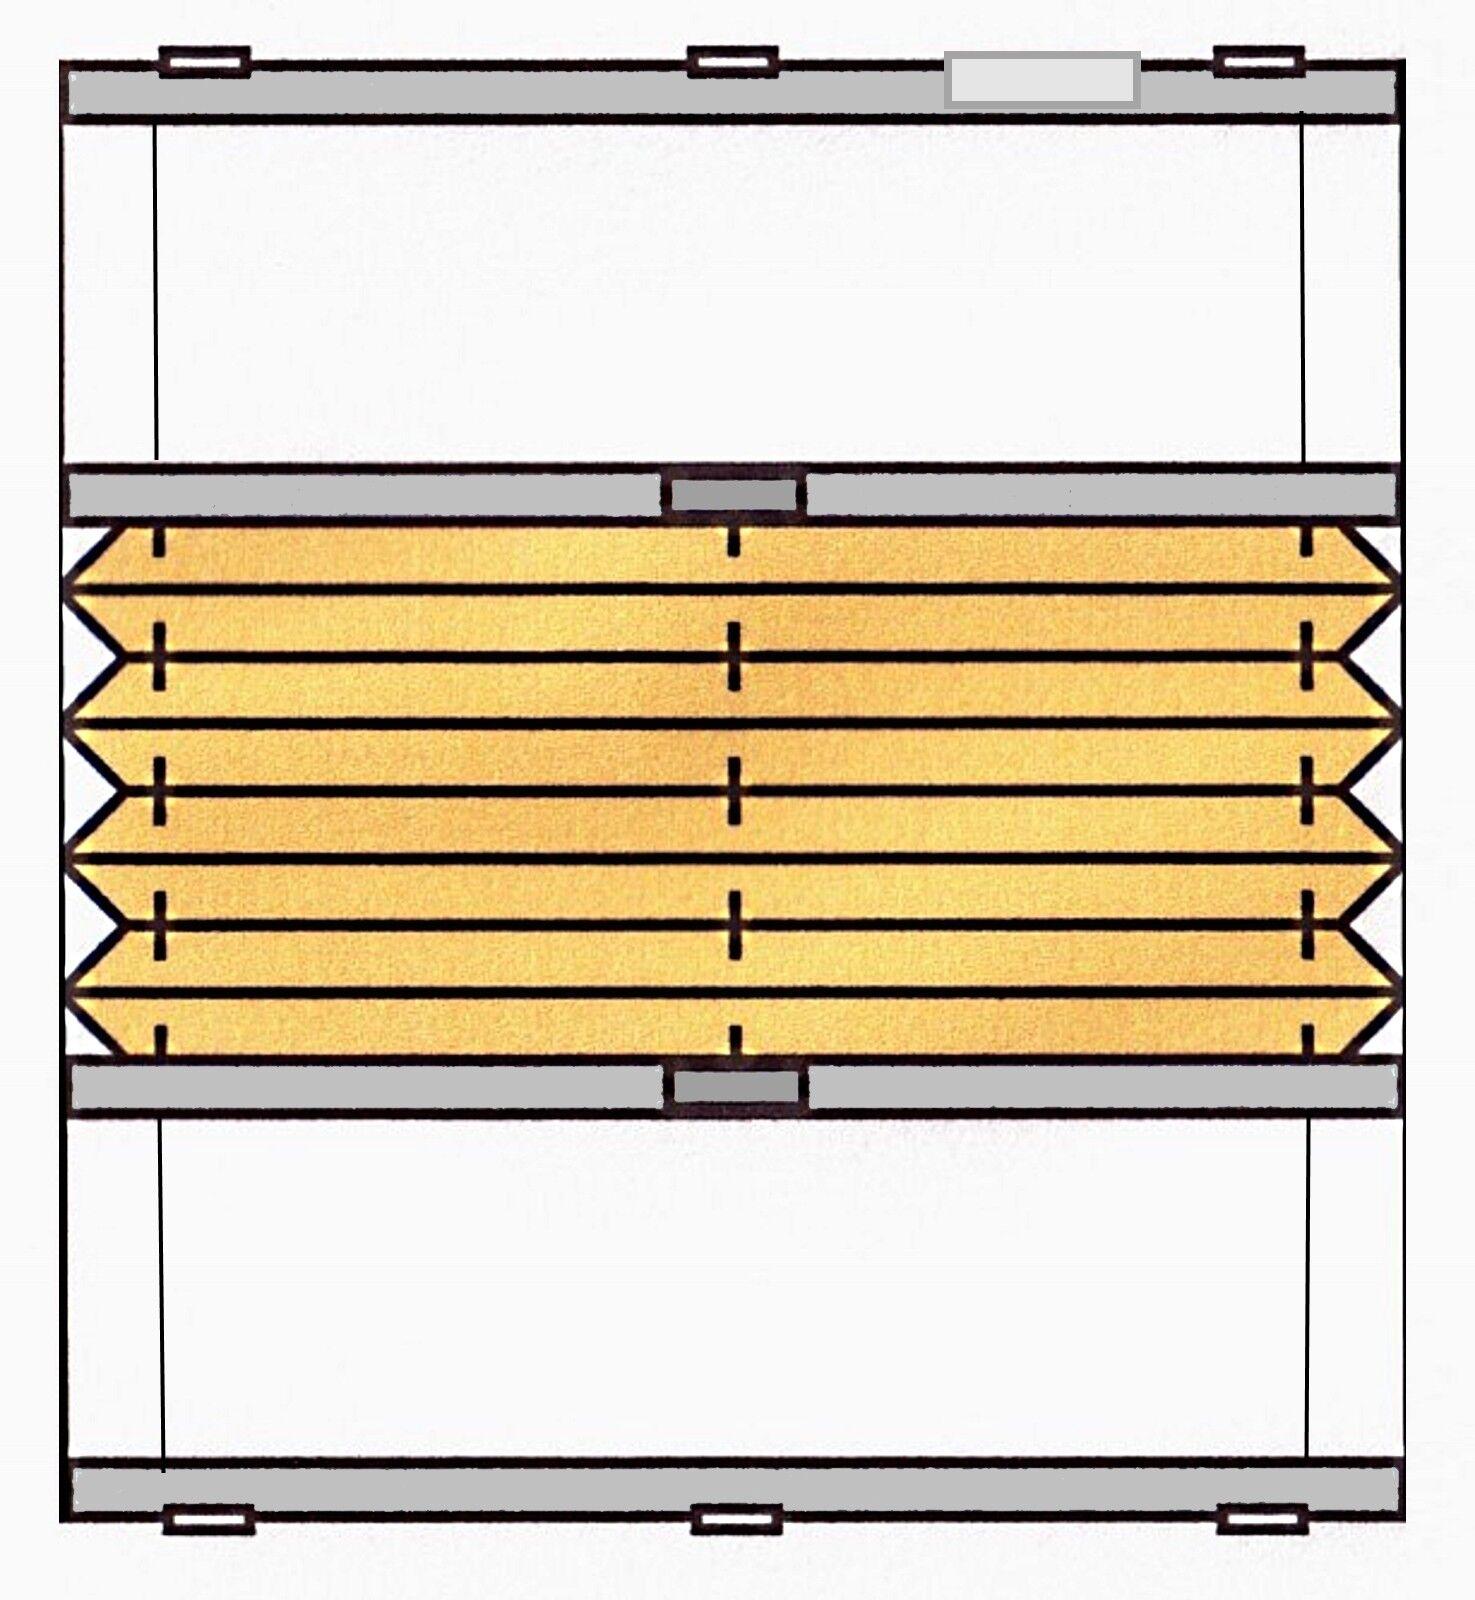 PLISSEE PLISSEE PLISSEE MDB Wabe Doppelplissee Verdunkelung Hitzeschutz Heim & Haus Renolux | Der Schatz des Kindes, unser Glück  dbfff3